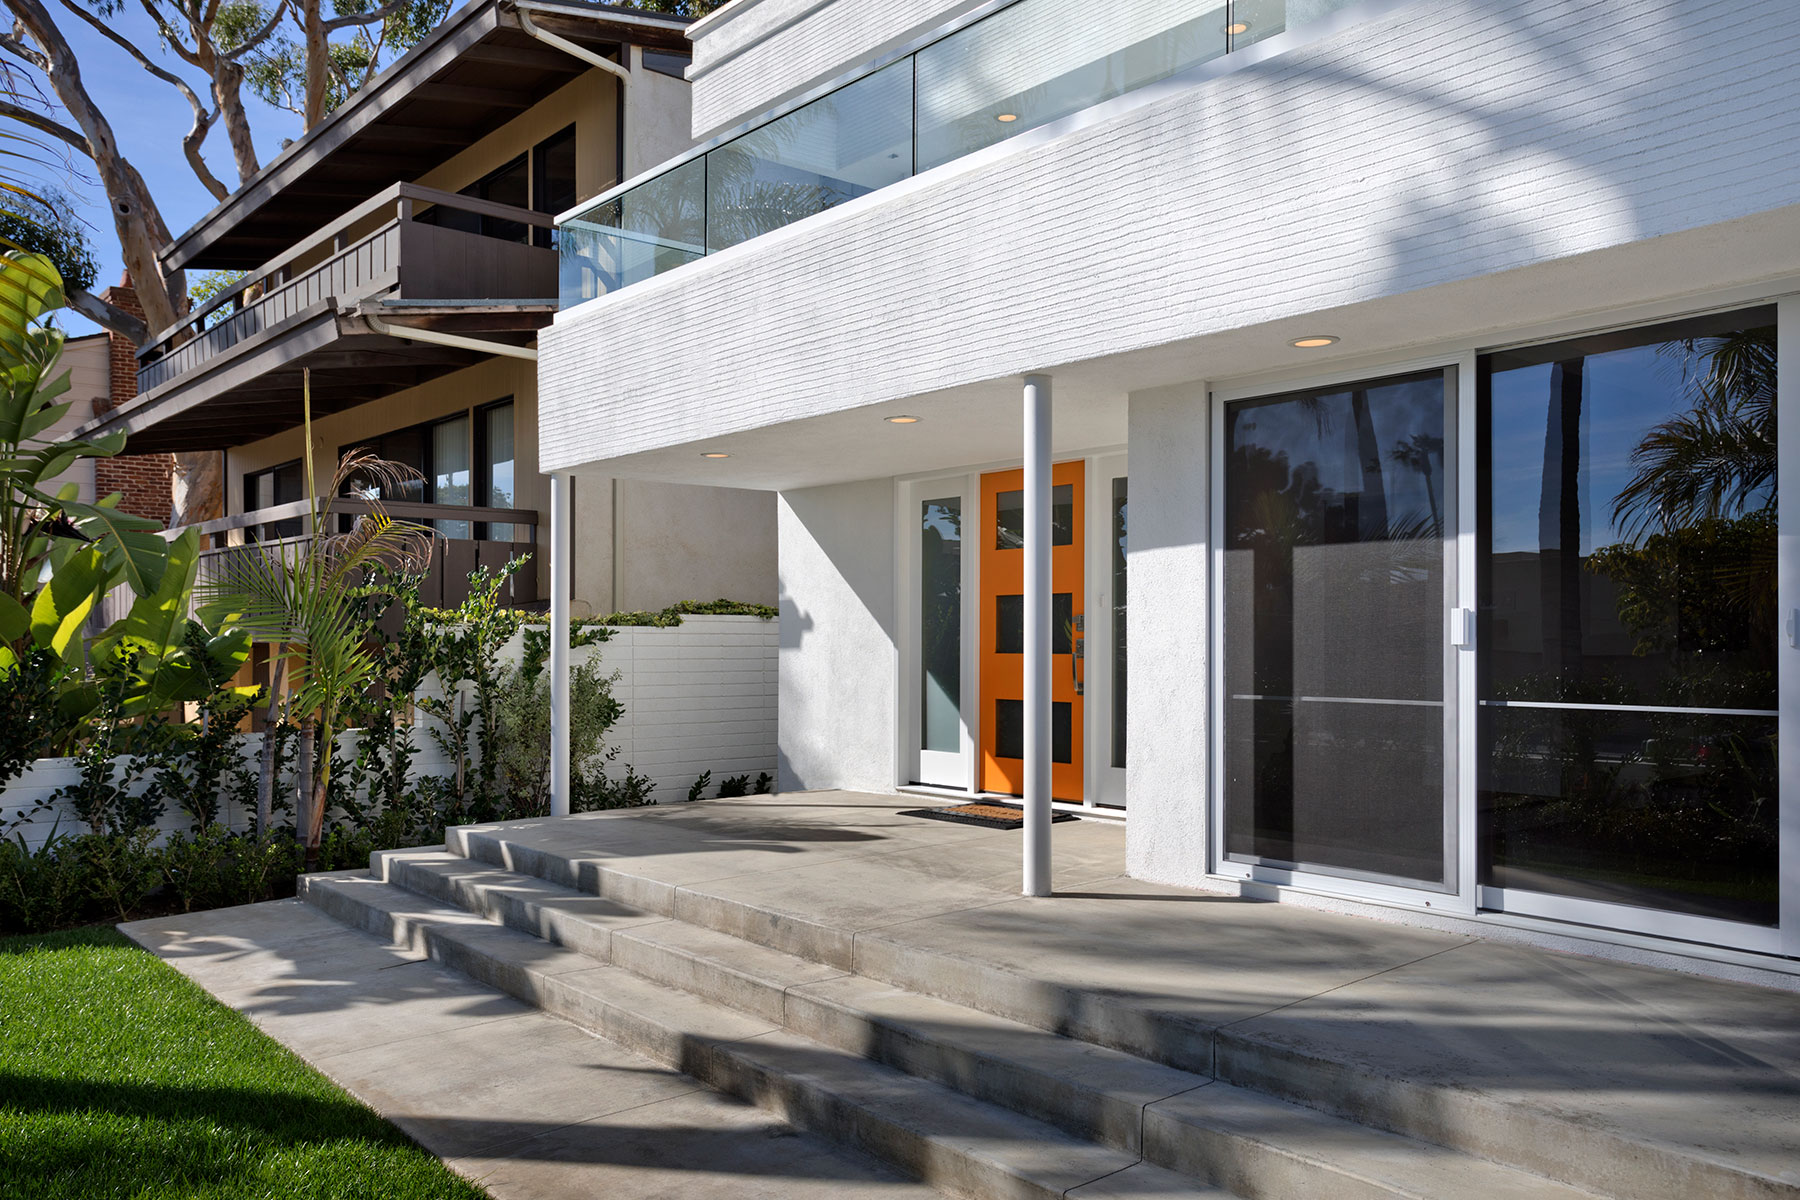 獨棟家庭住宅 為 出售 在 129 Crescent Bay Dr. Laguna Beach, 加利福尼亞州, 92651 美國